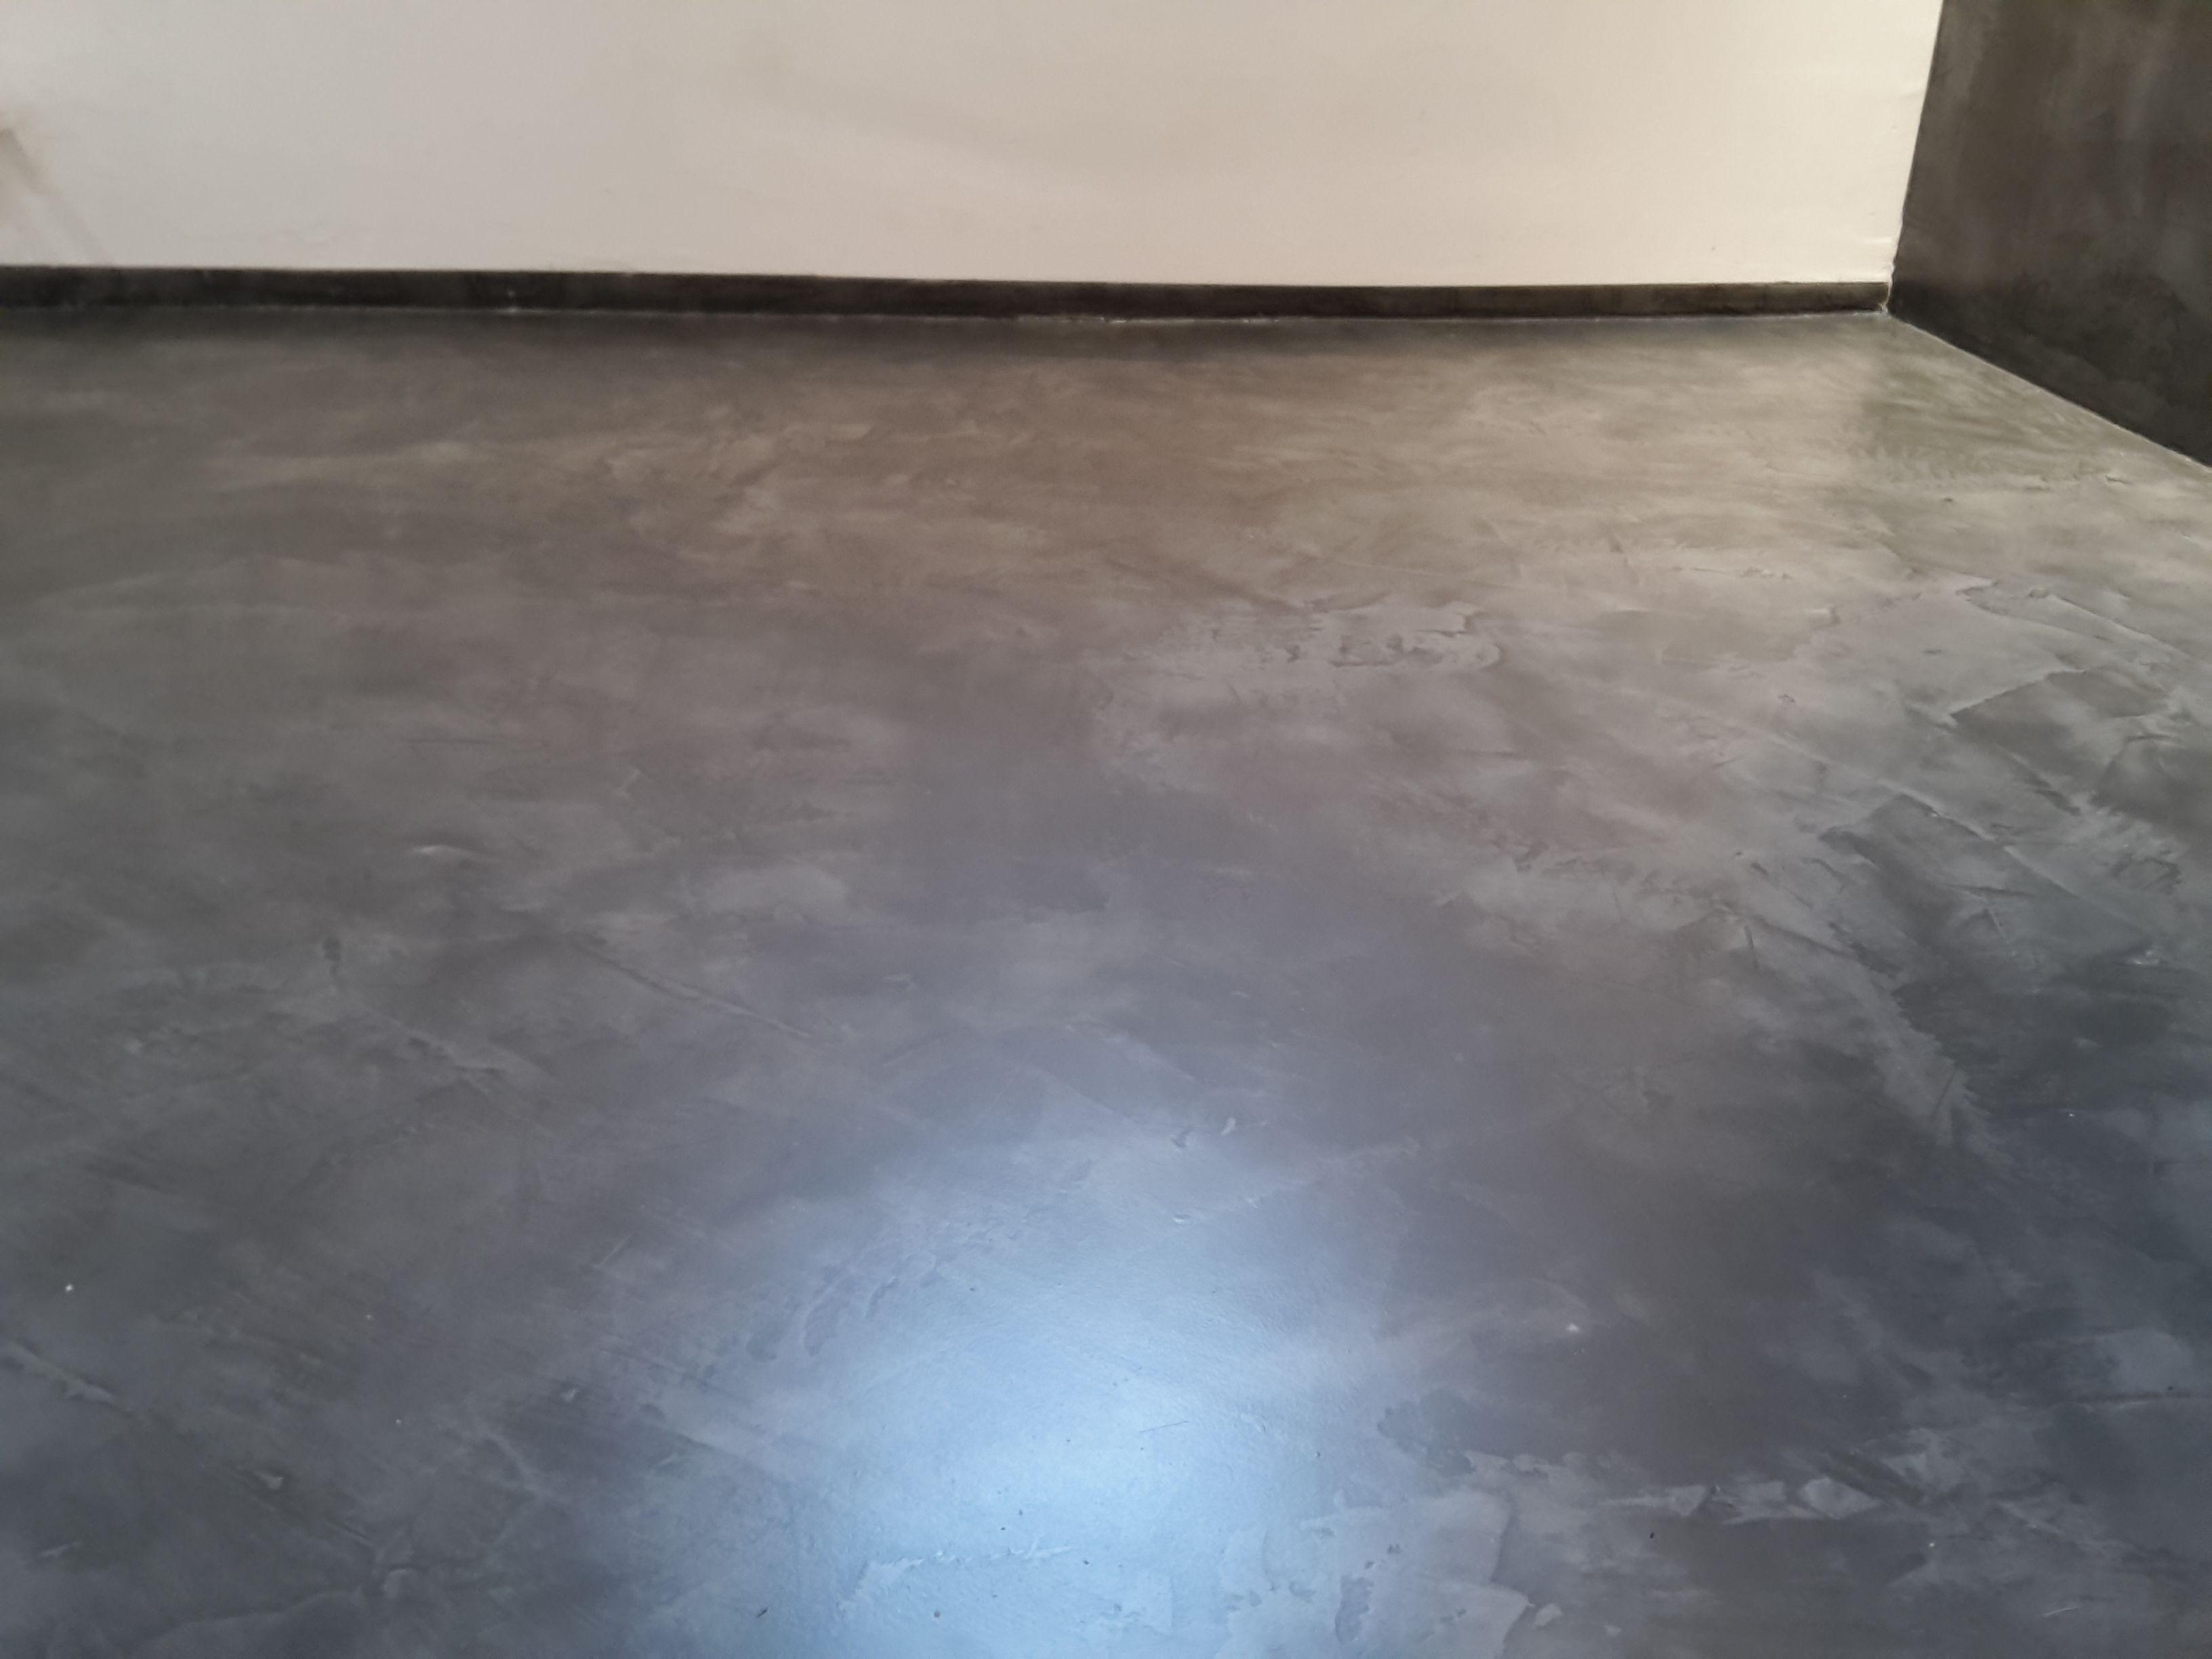 Fußboden Gießen Auf Fliesen ~ Beton auf fliesen giessen